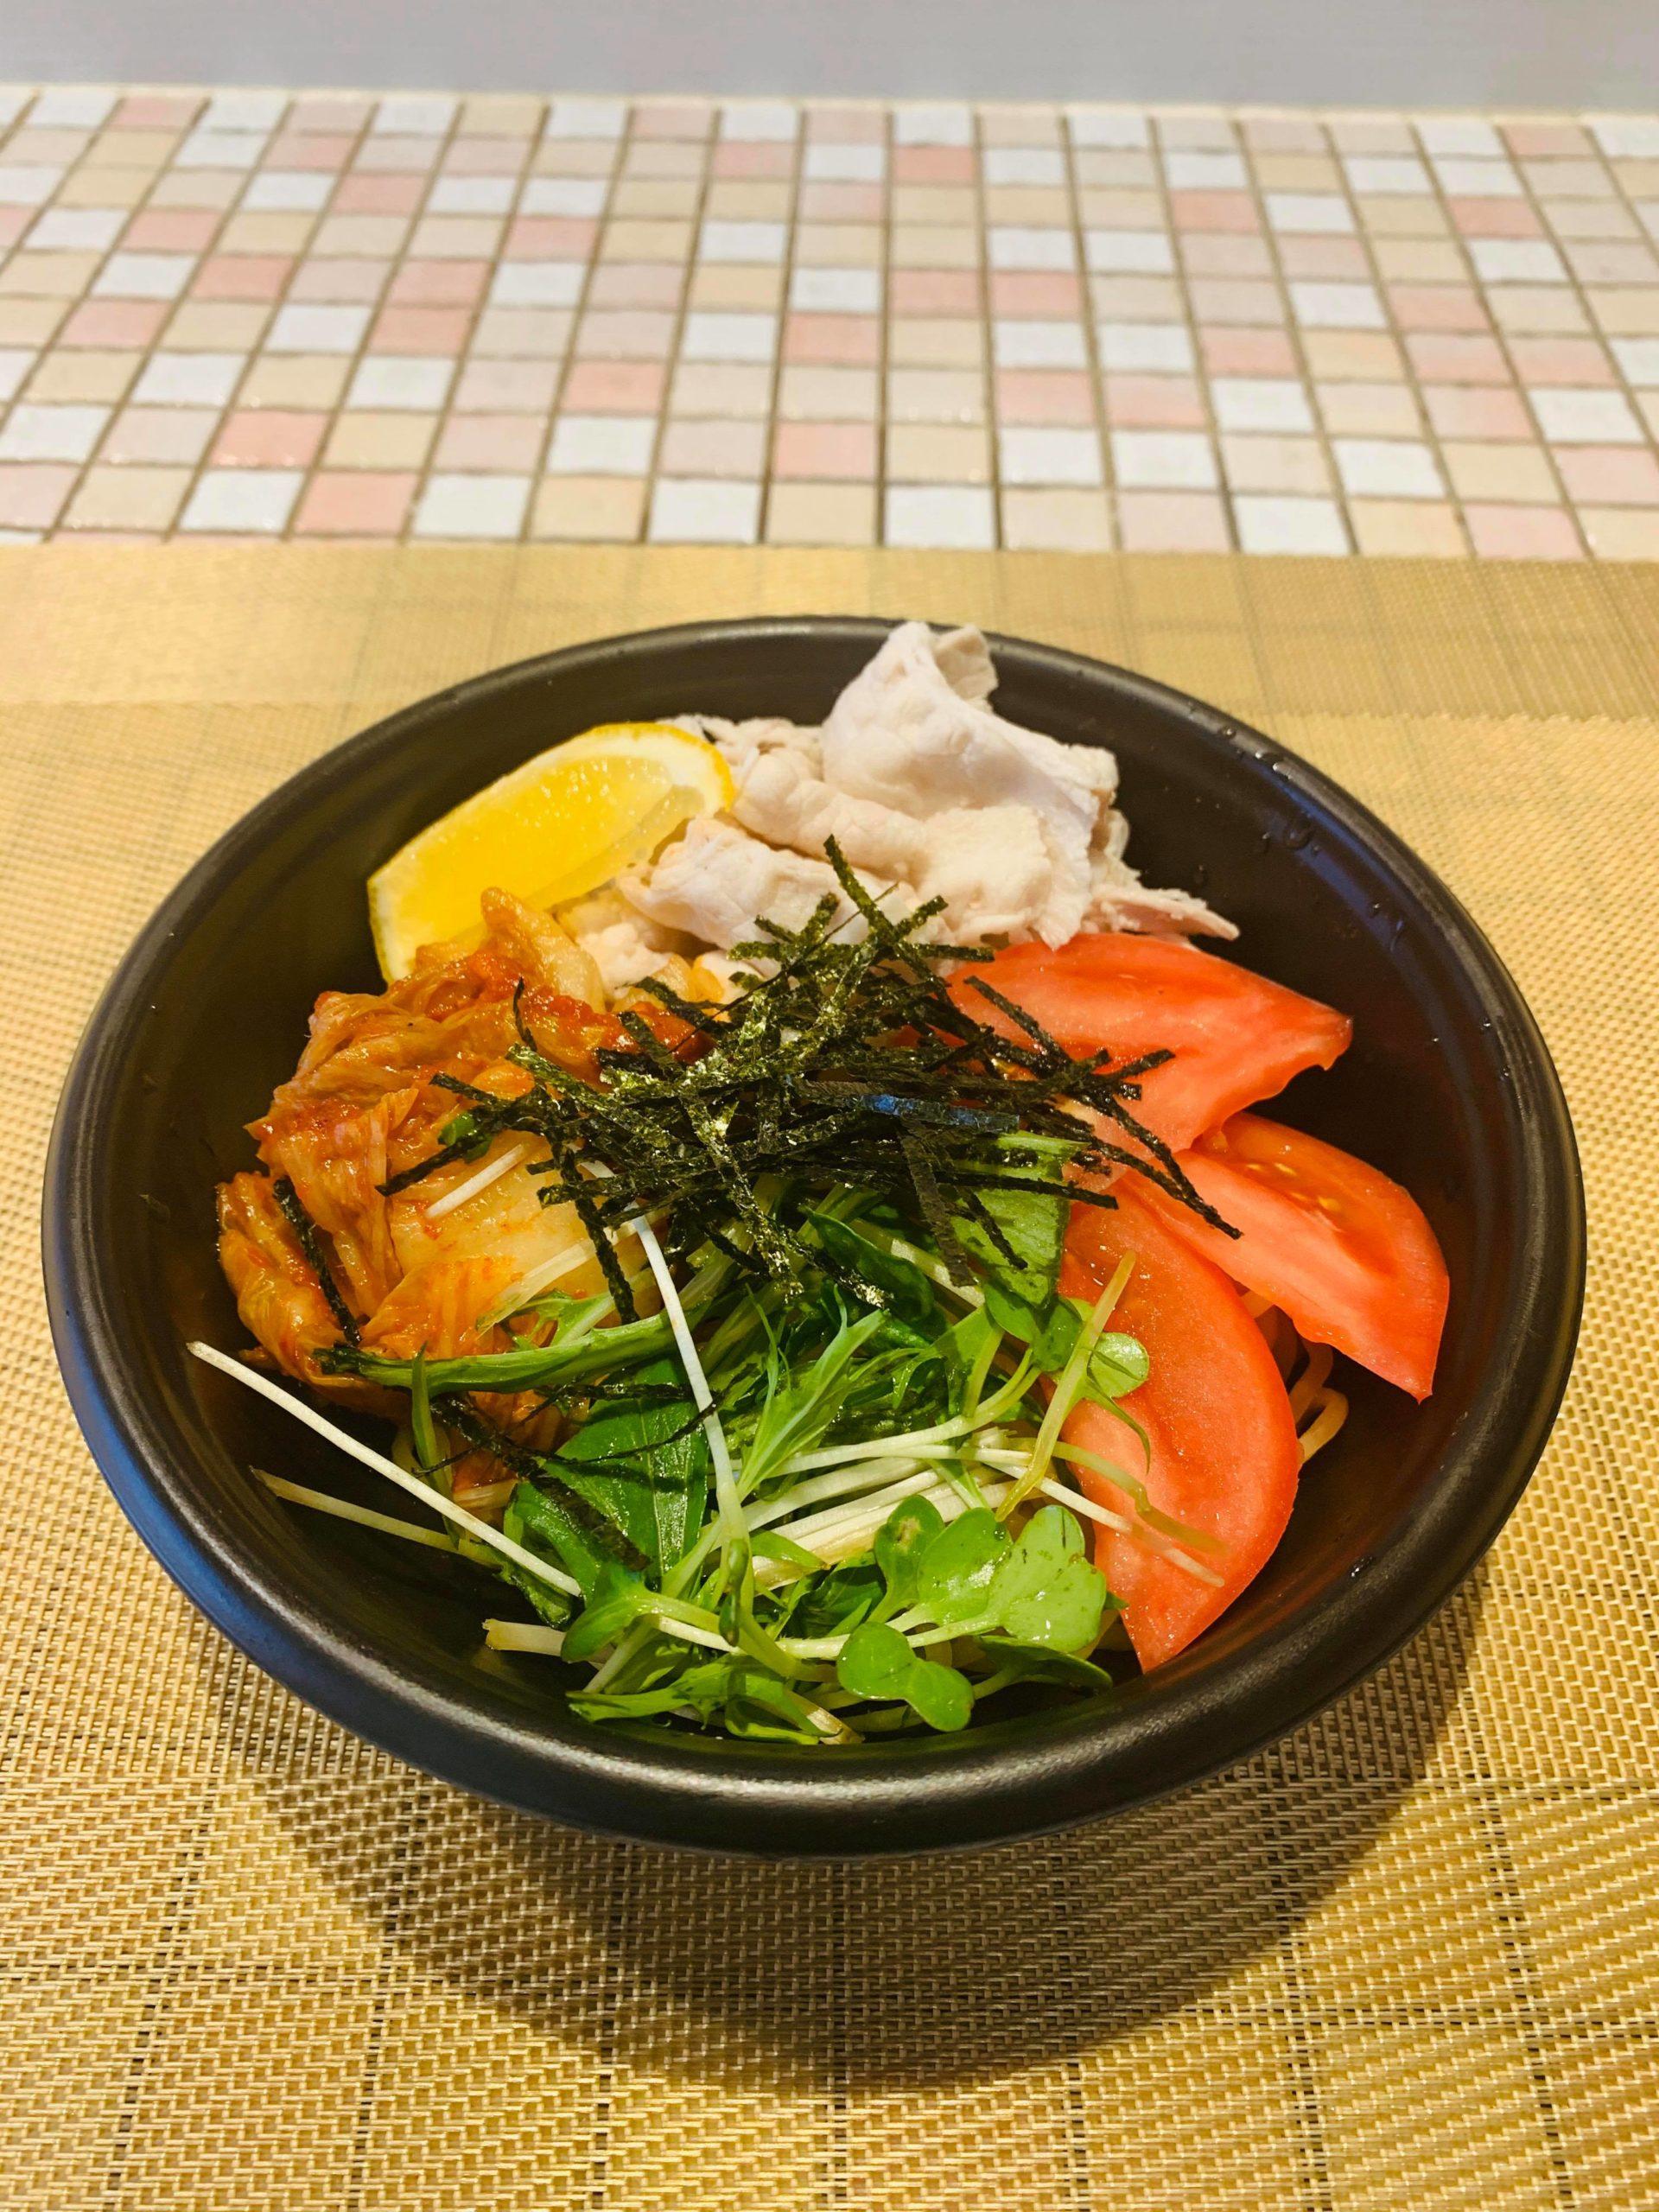 高石おうちじかん 高石市の太炉寧での麺類デリバリー、テイクアウトできます。